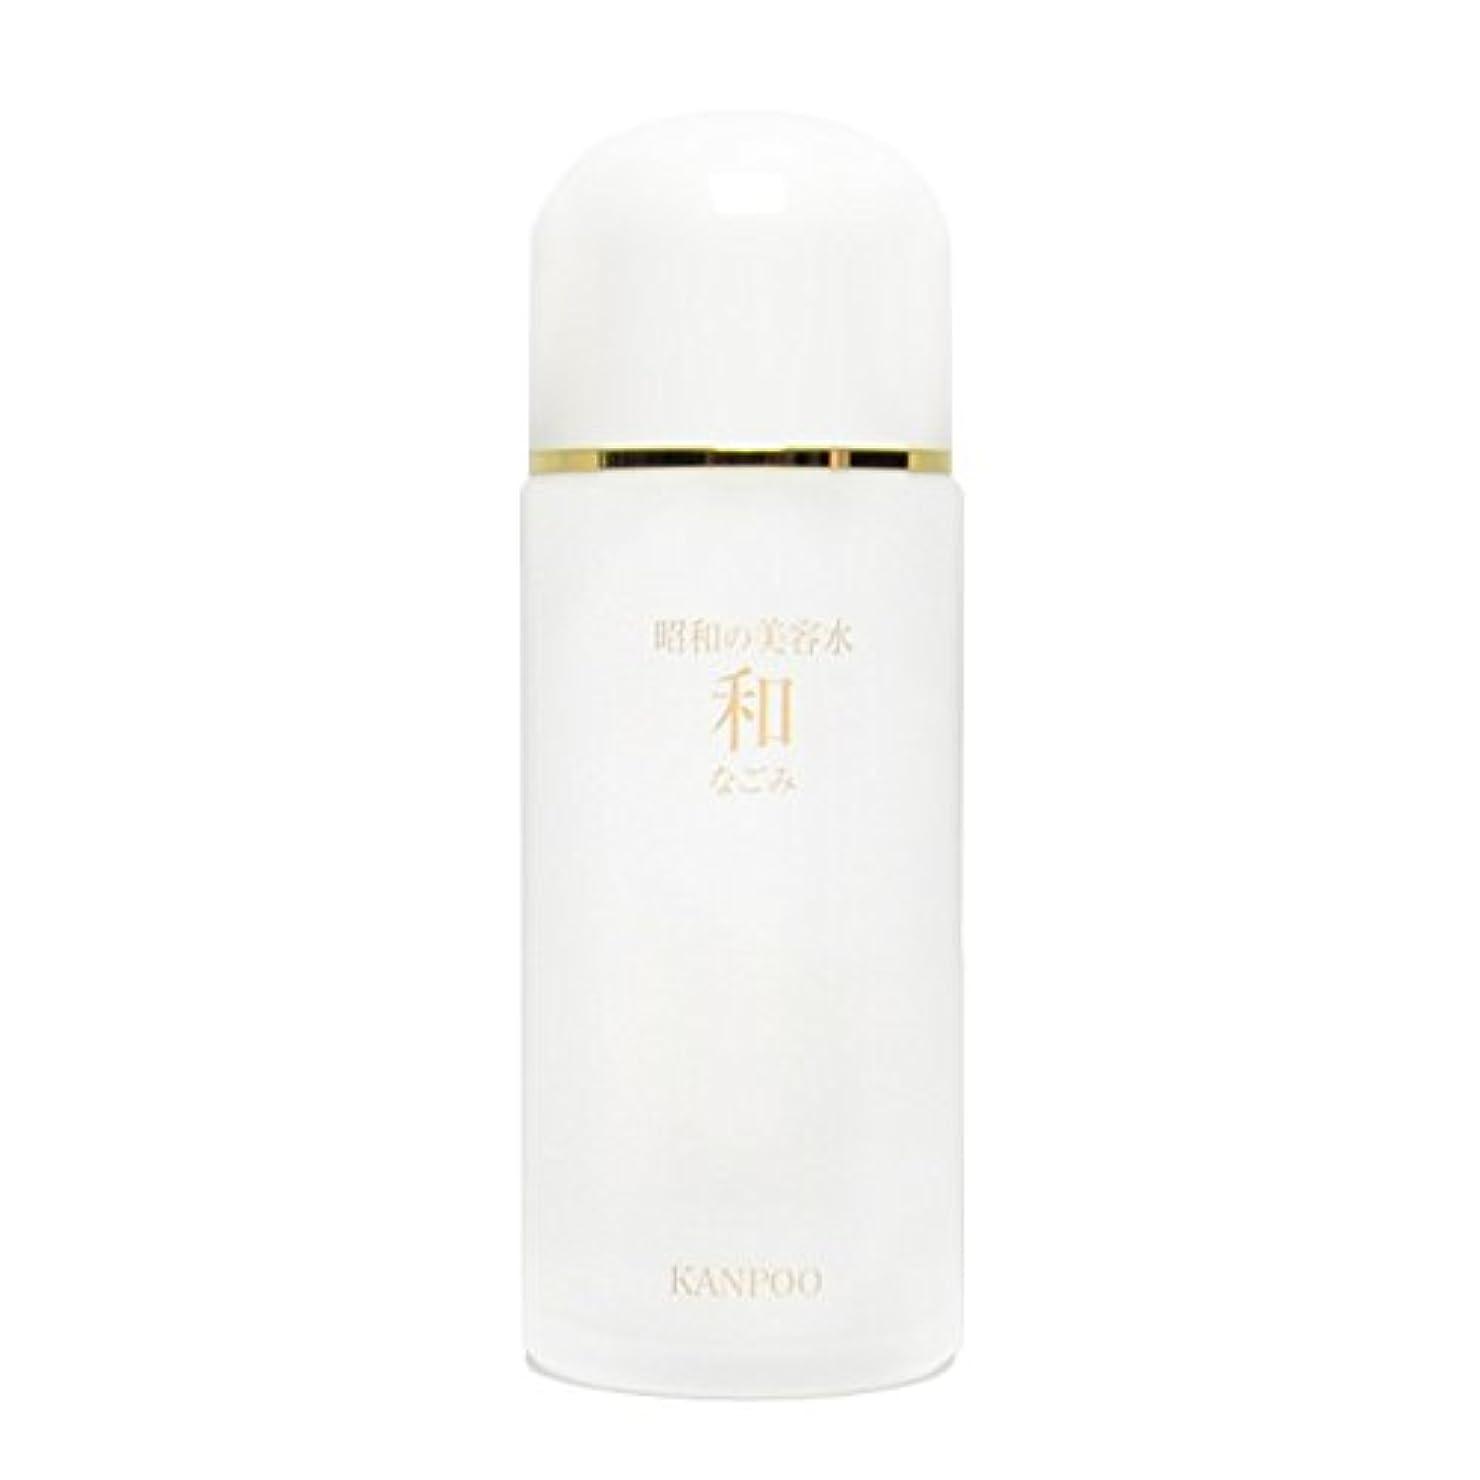 マーキー額期限切れ潤いコンディショニング美容水 和(なごみ) [化粧水]